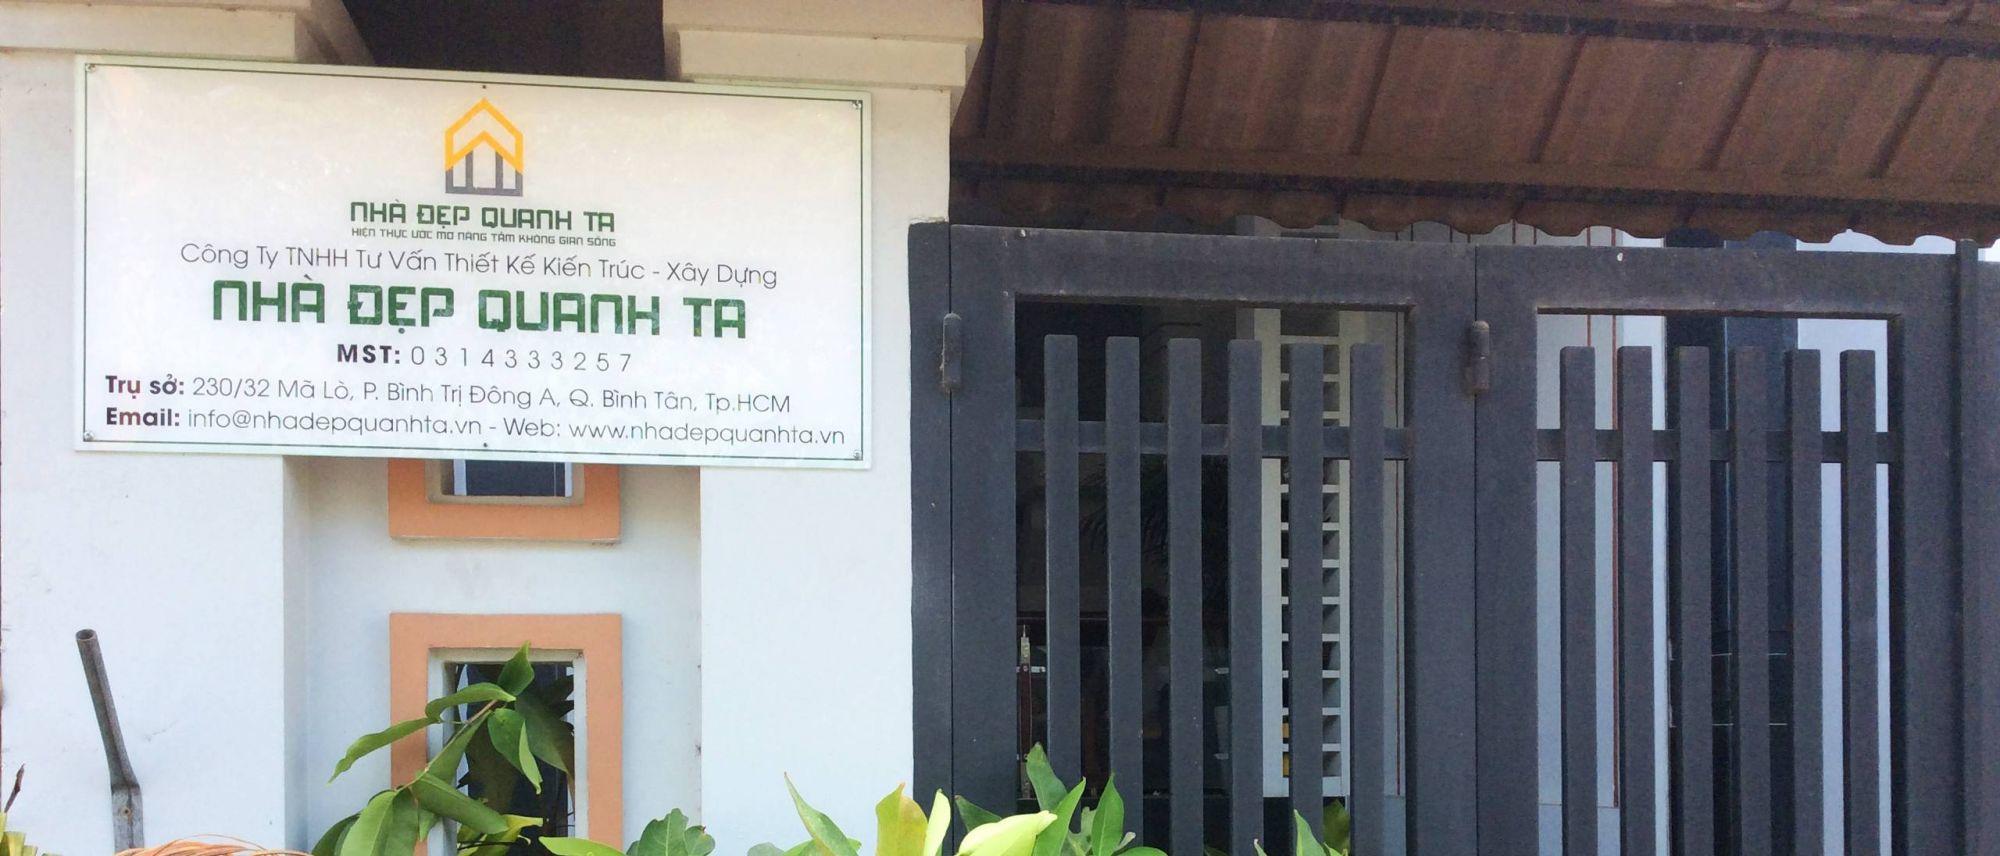 Trụ sở Nhà Đẹp Quanh Ta Co., LTD.